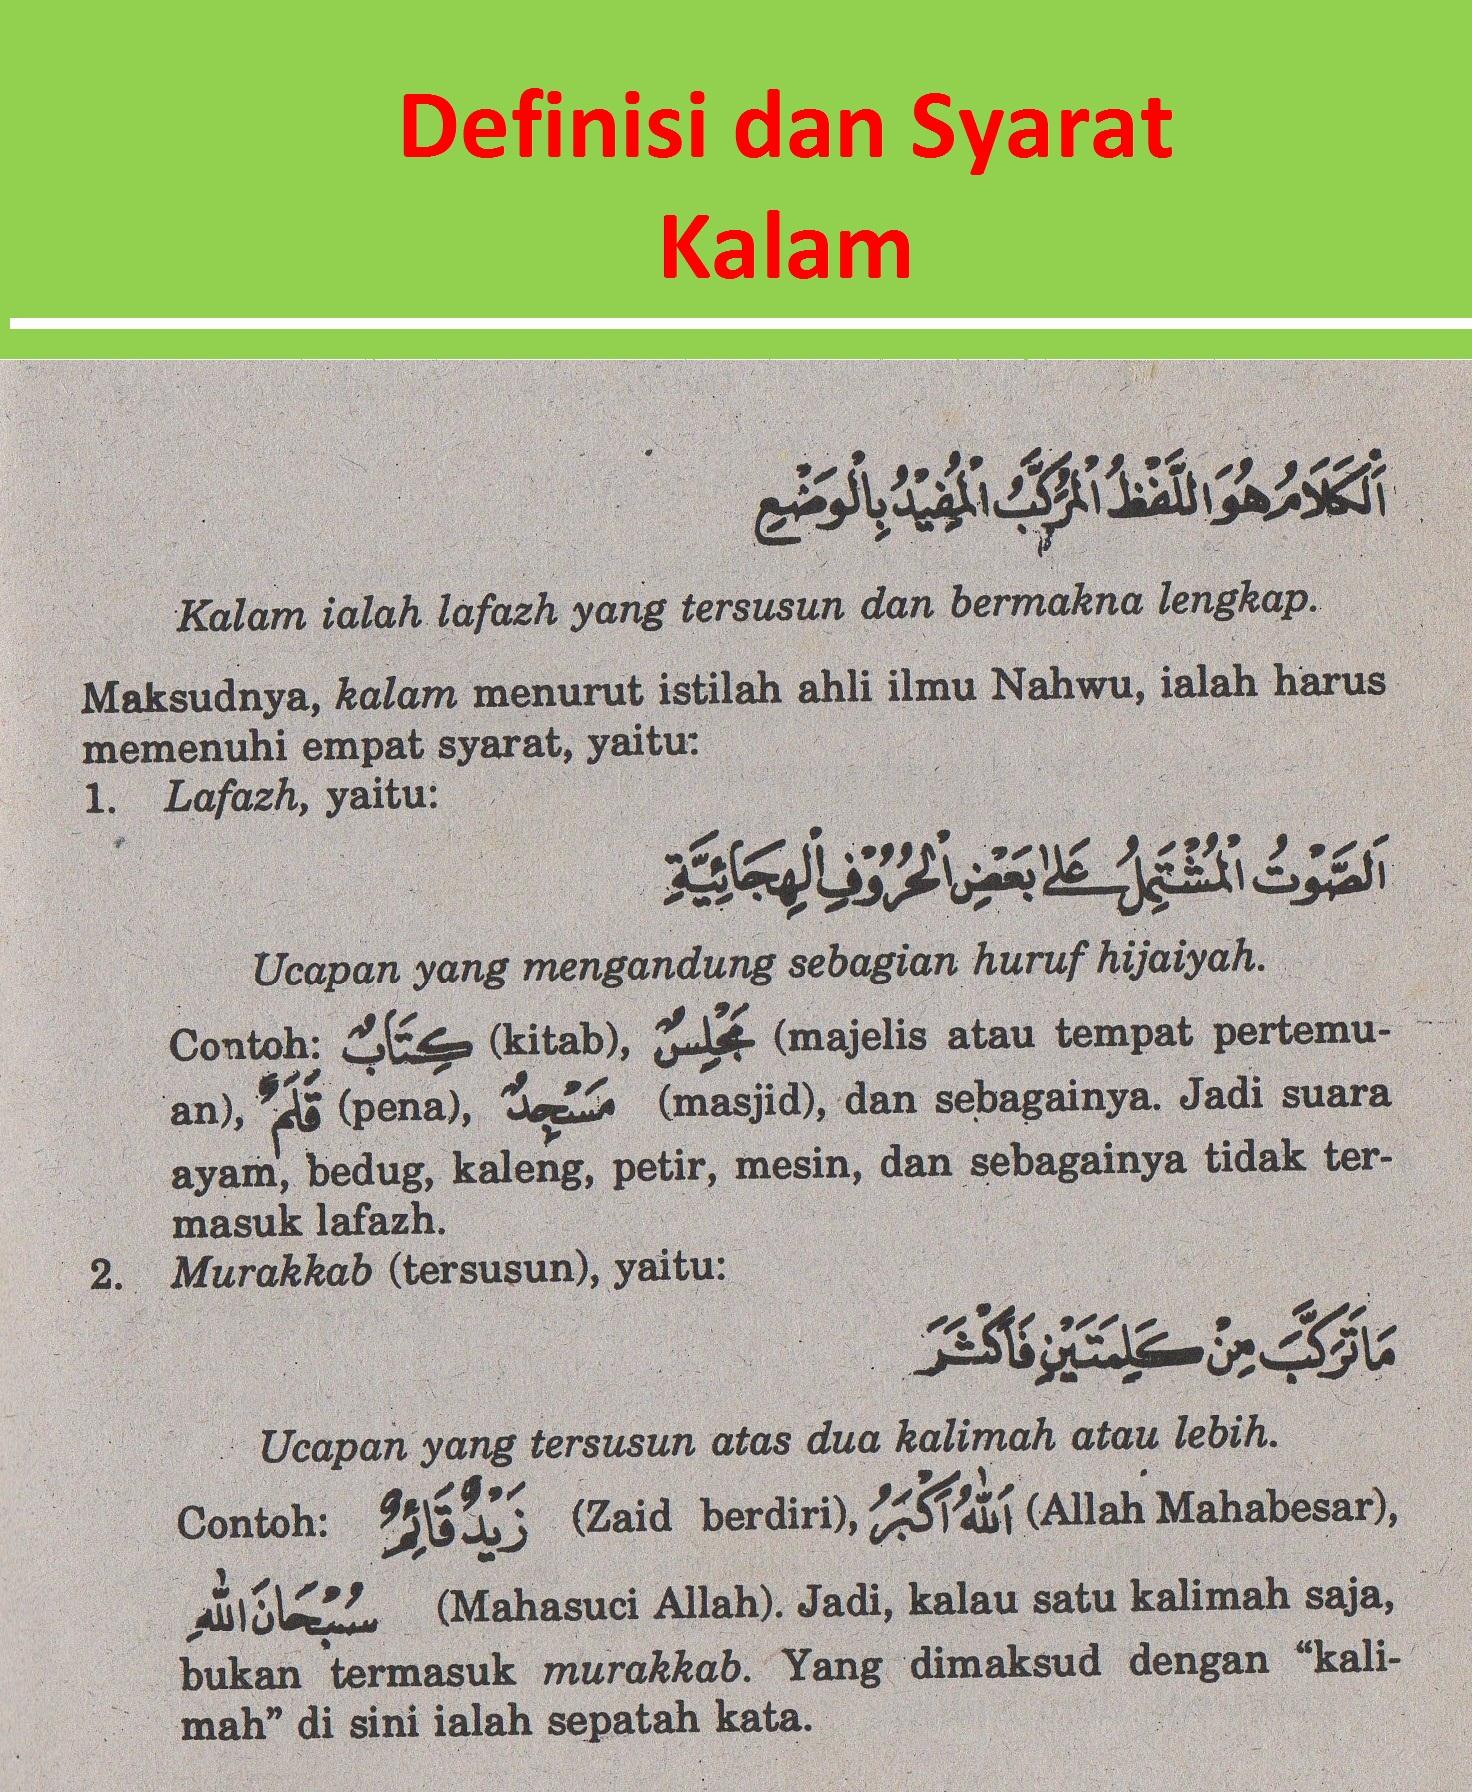 belajar bahasa arab ilmu nahwu definisi kalam & syaratnya